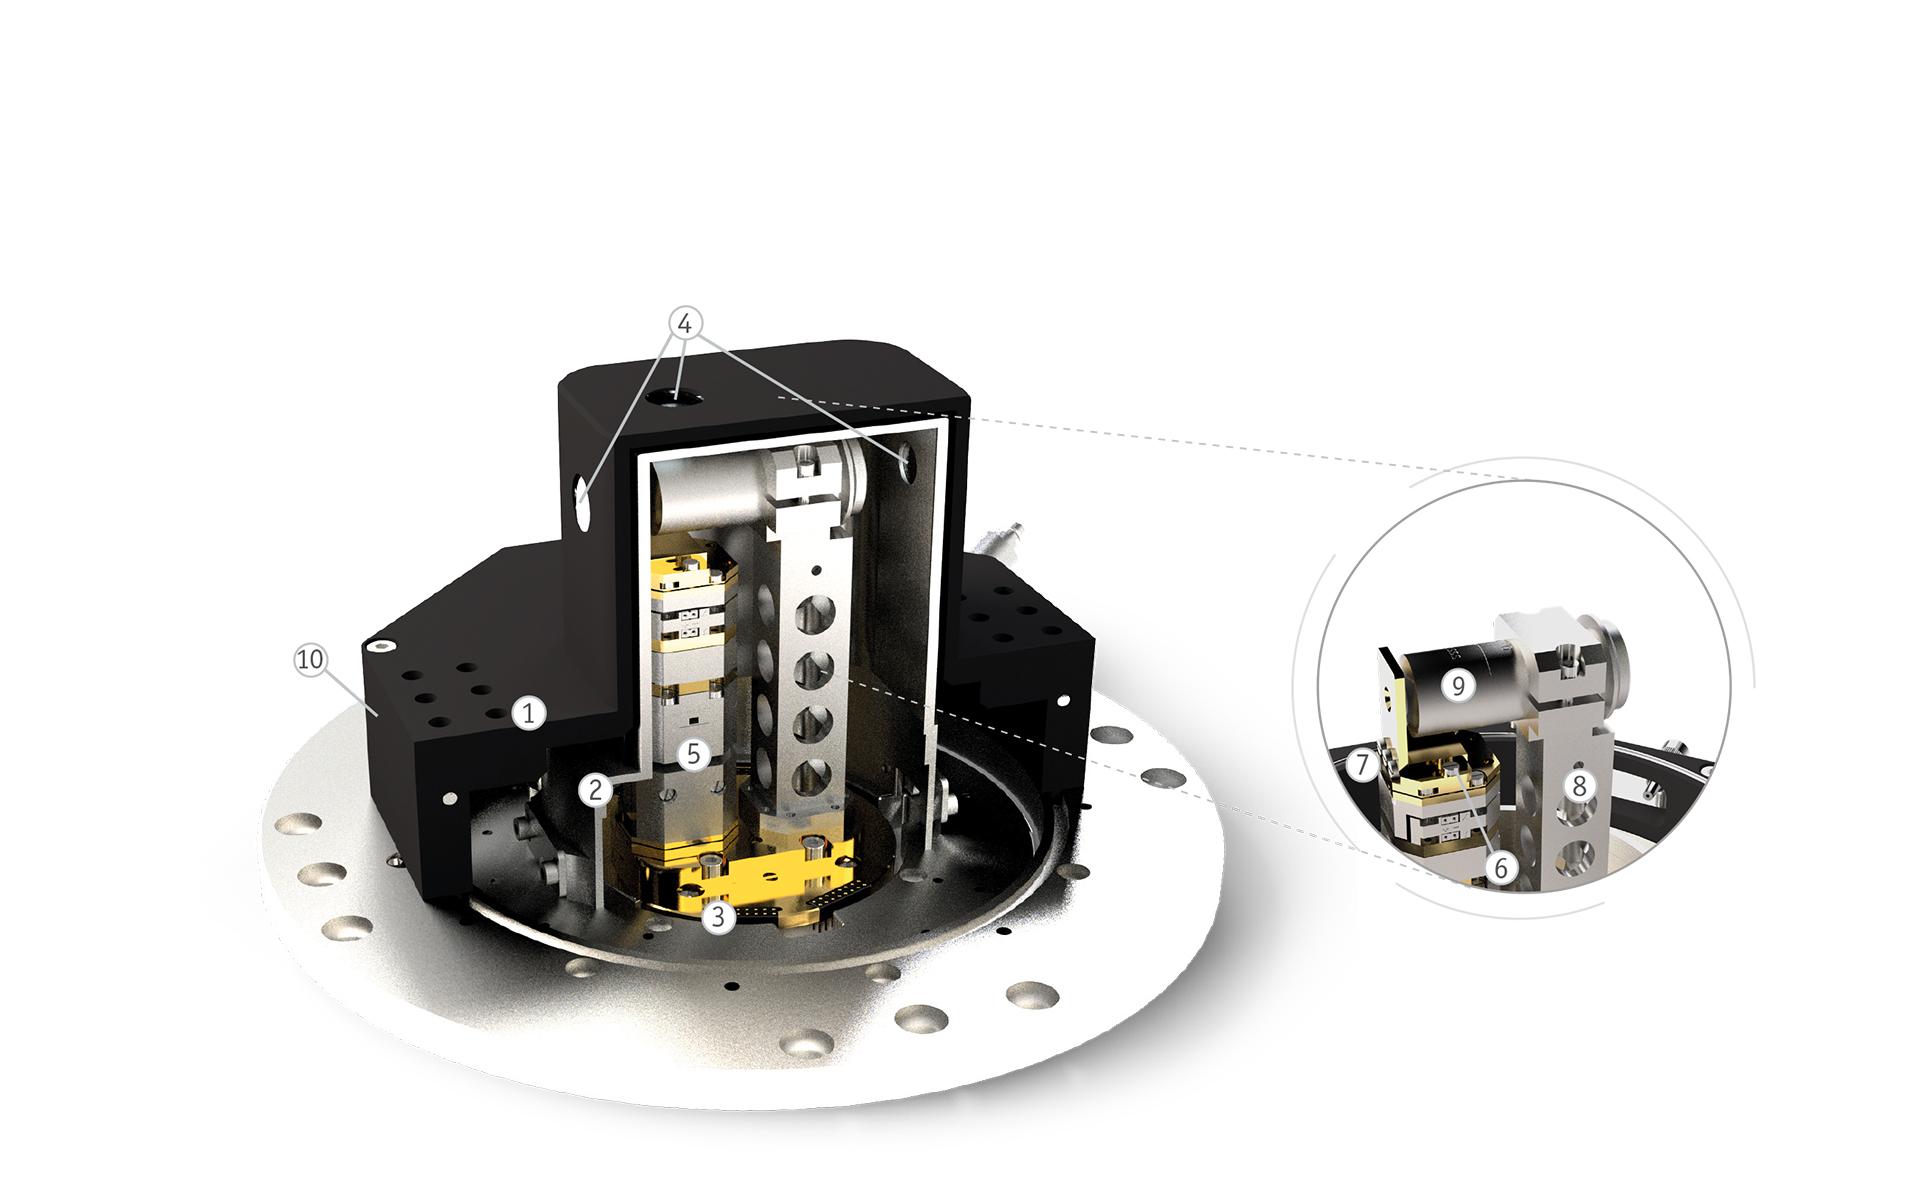 attodry800 shrouds, lt objective/fiber transmission, overview